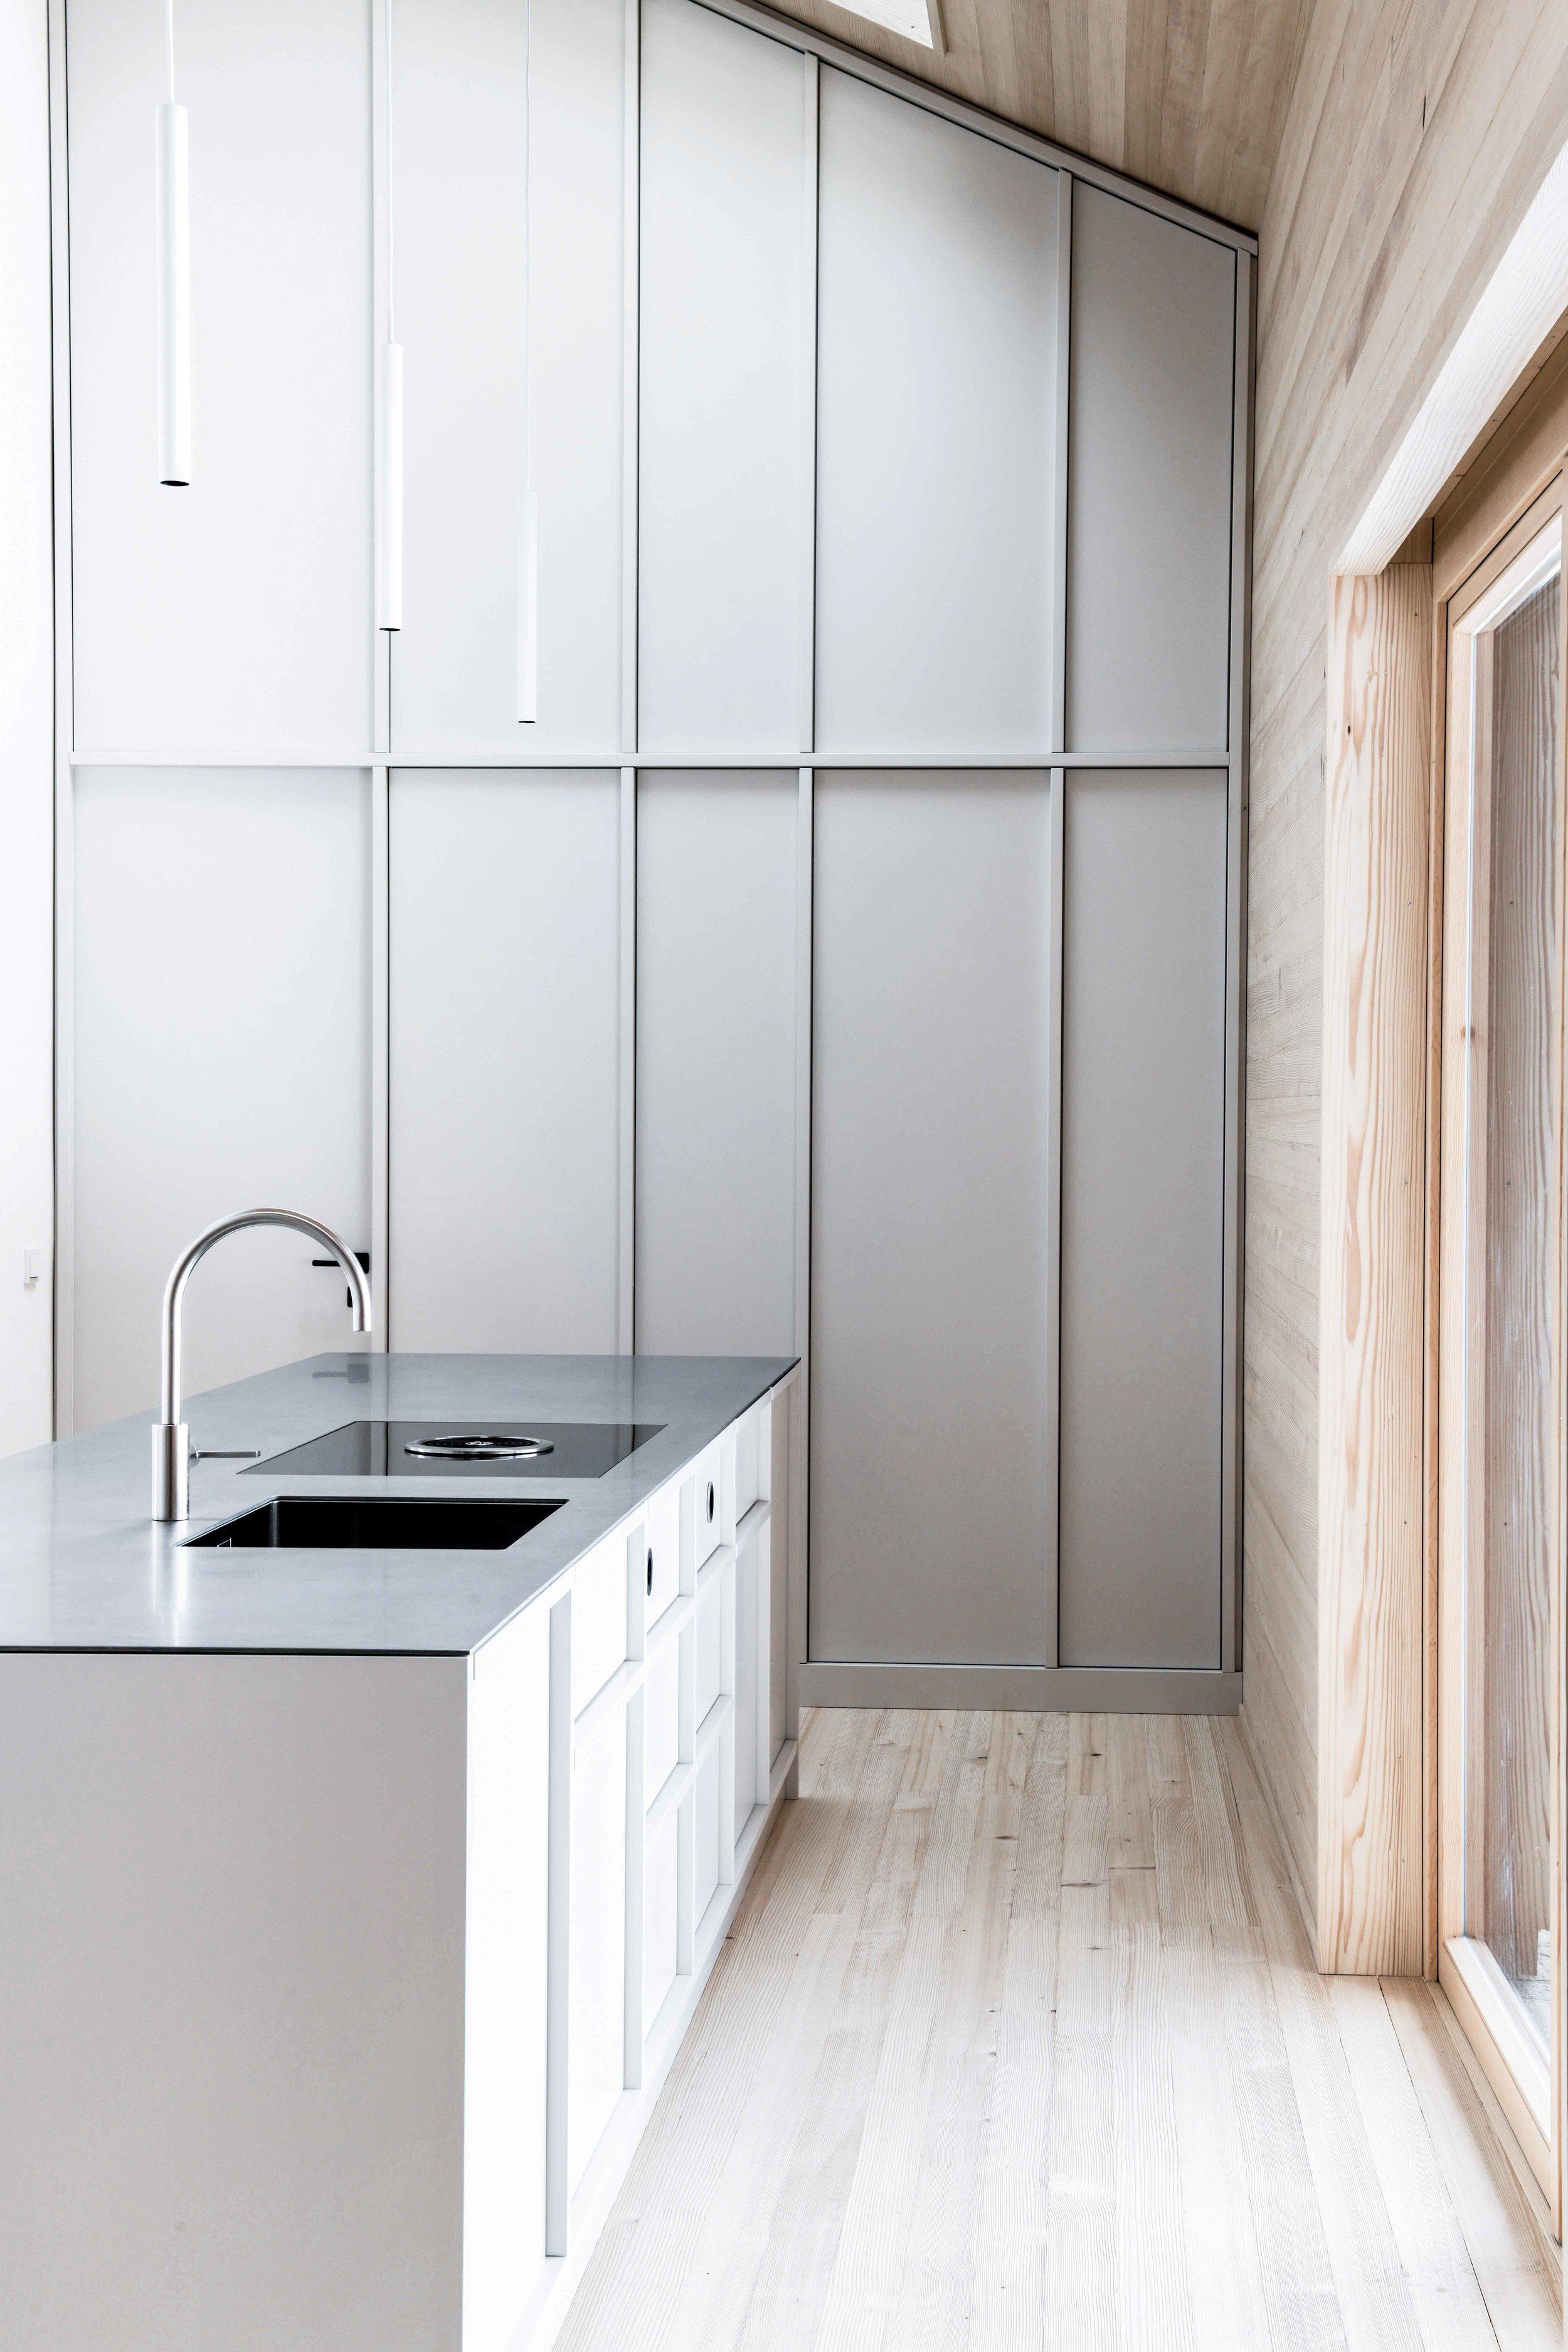 Buero Philipp Moeller-Bauernhaus-Sanierung-Waschhaus2.jpg